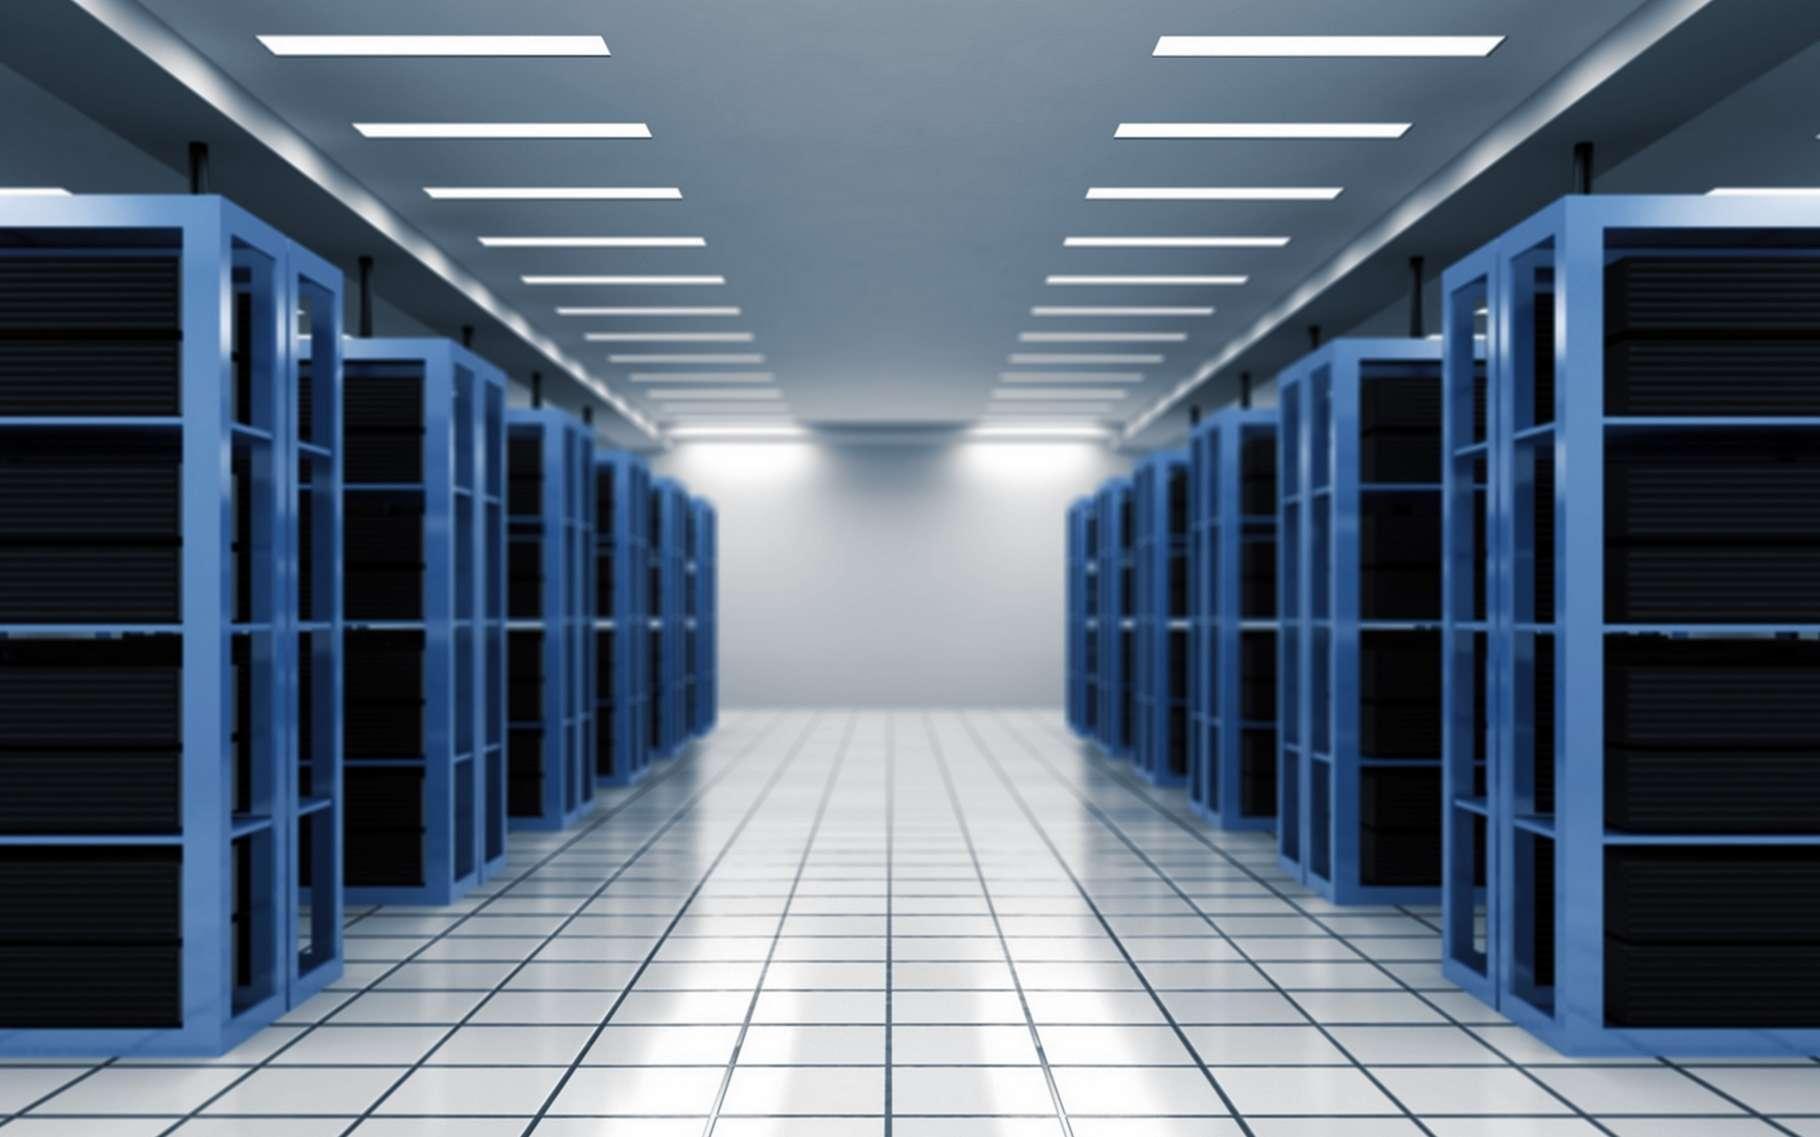 Certains data centers de grande envergure renferment des milliers de serveurs susceptibles d'héberger des centaines de téraoctets de données. © www.BillionPhotos.com, Shutterstock